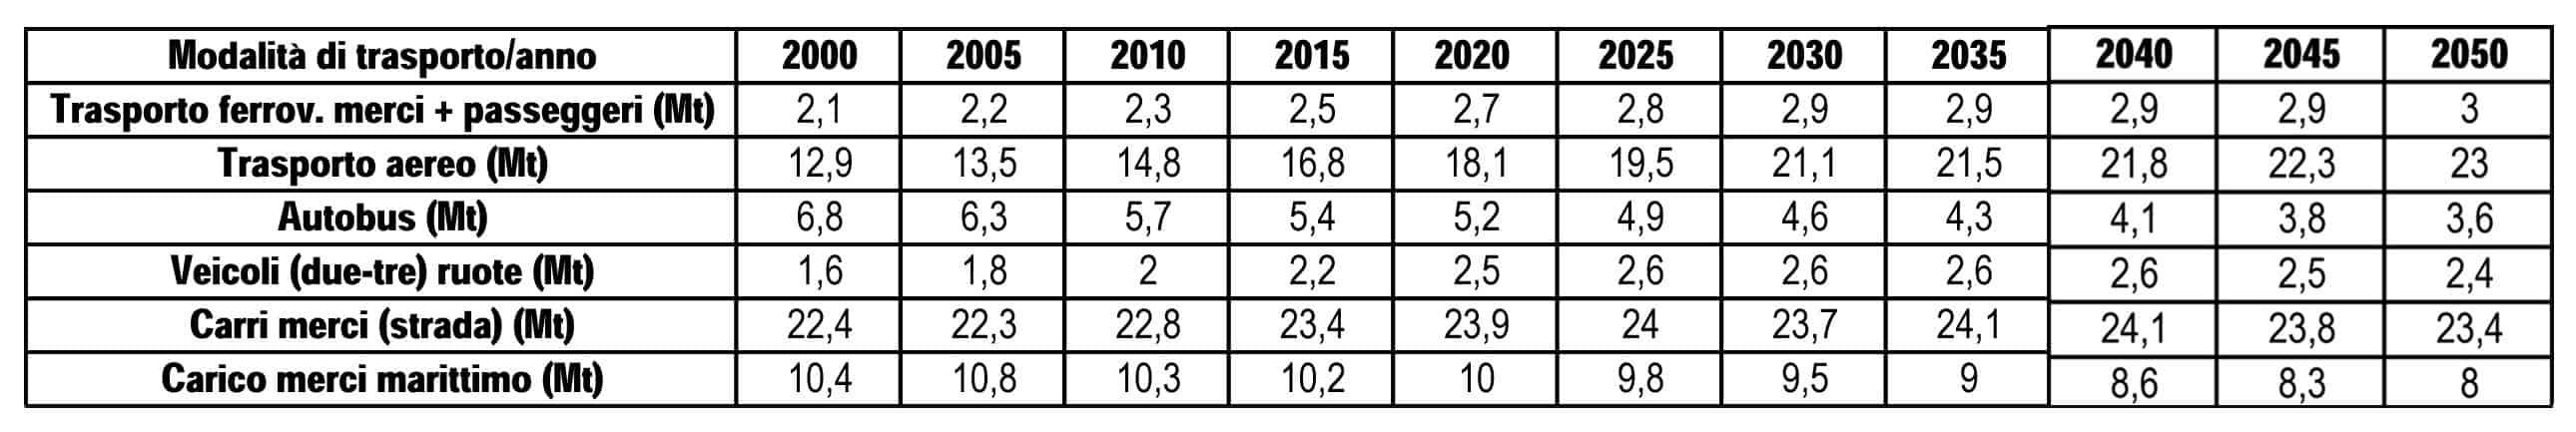 La previsione dell'andamento dell'emissioni di CO2 per singola modalità di trasporto nell'UE28